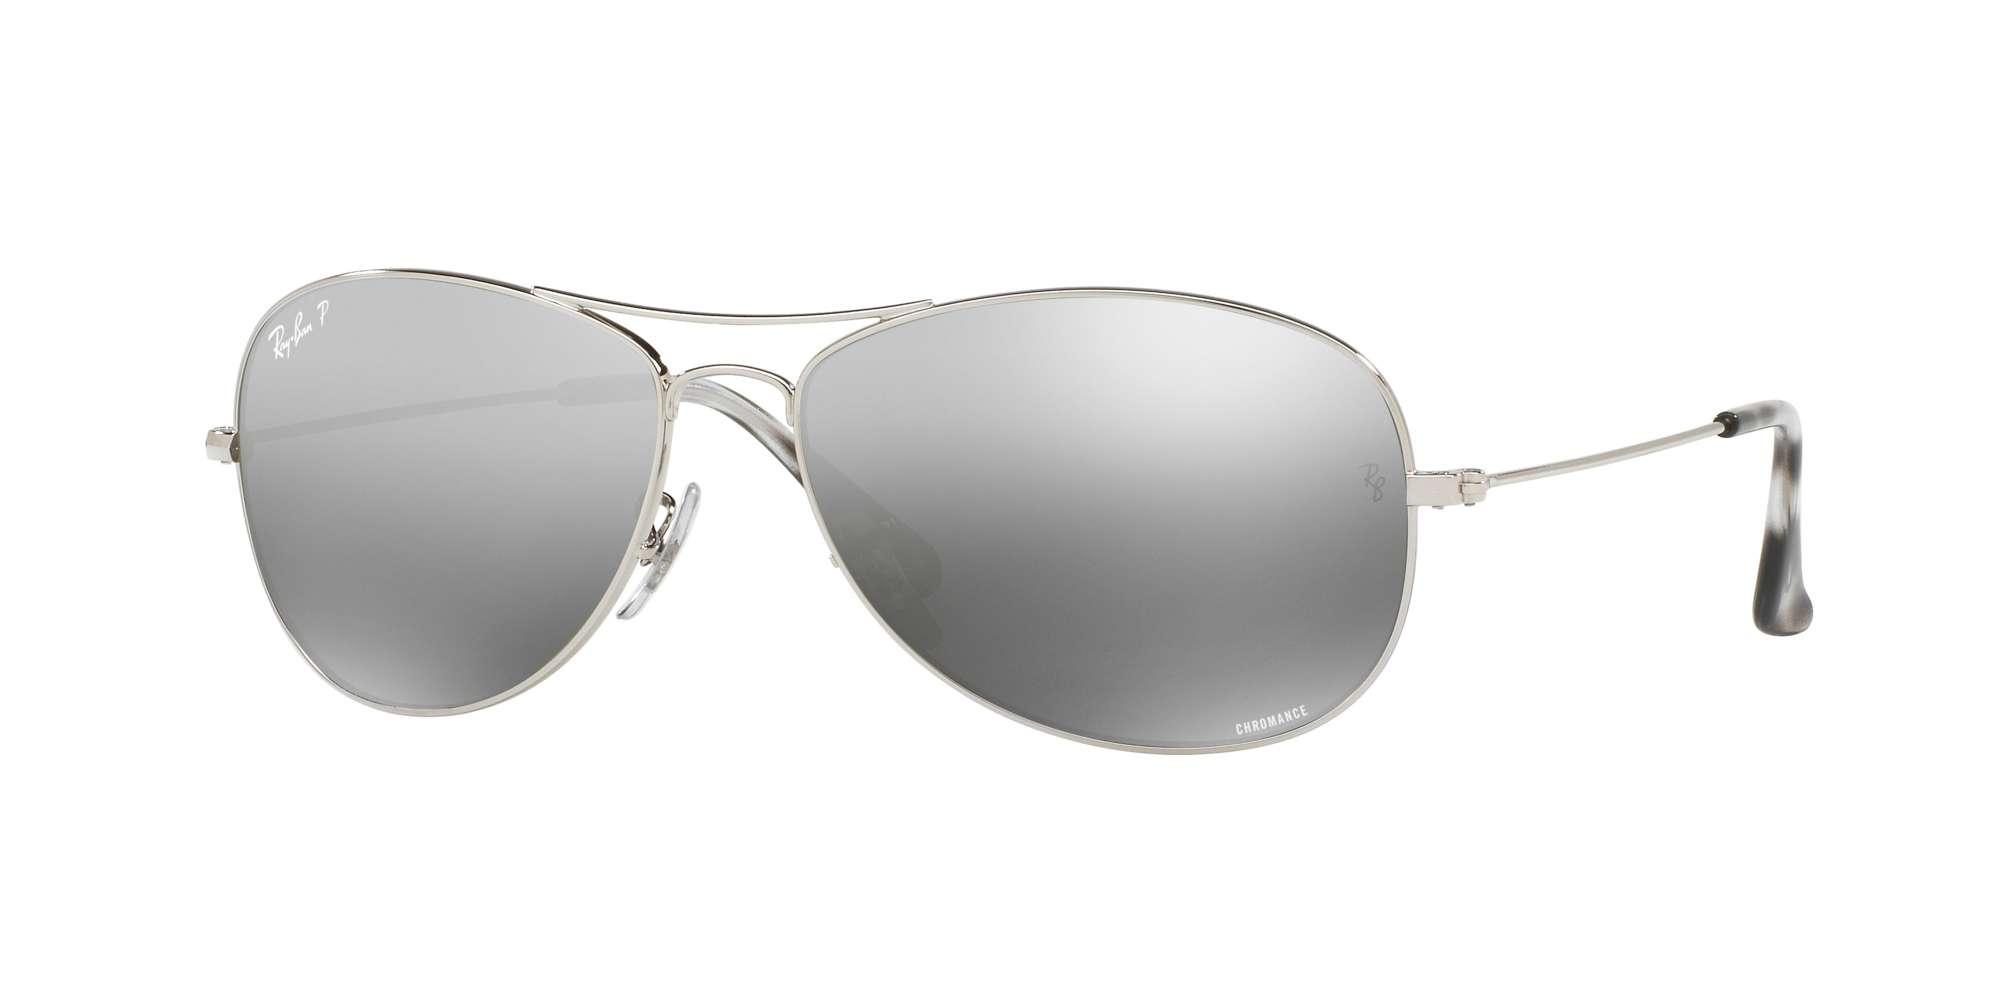 SHINY SILVER / GREY POLAR MIRROR SILVER lenses